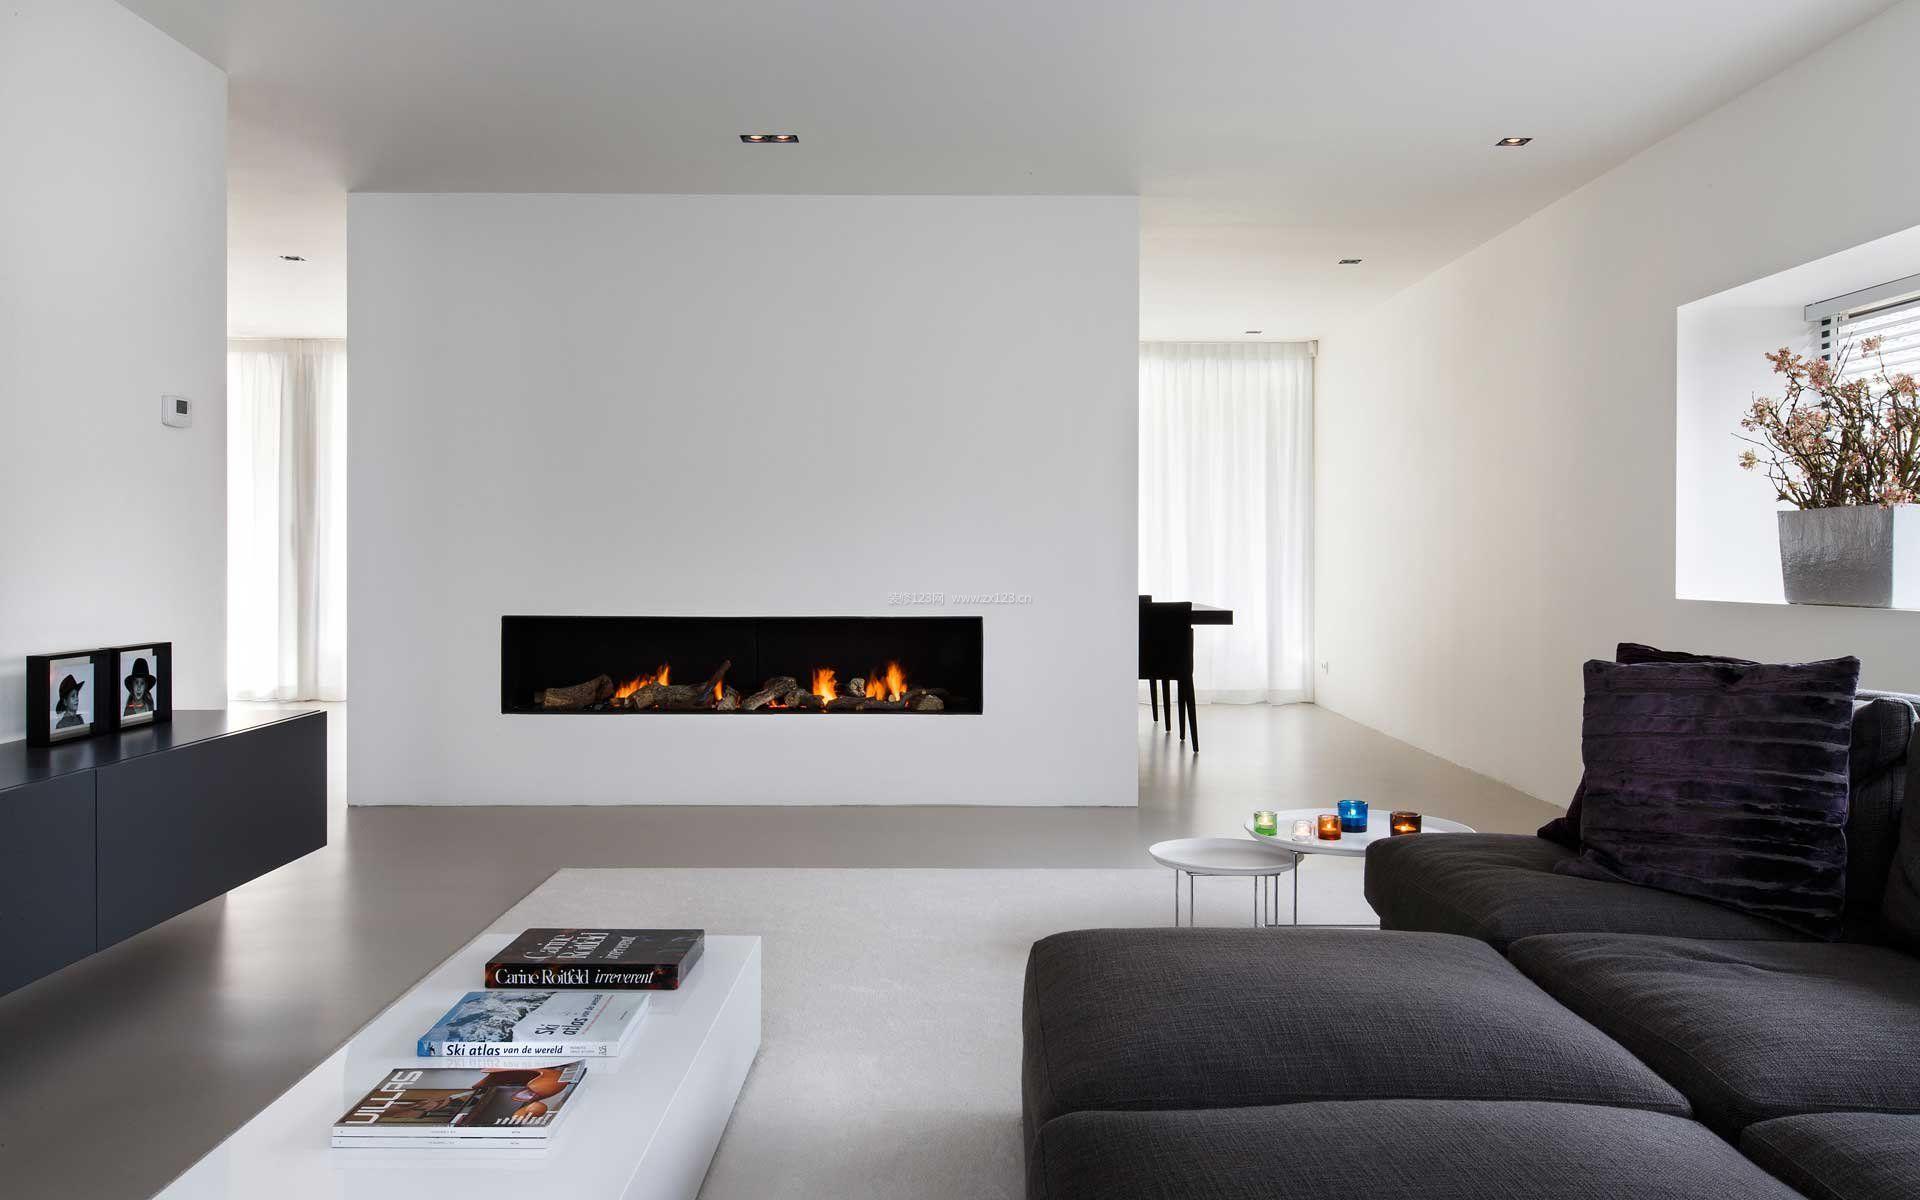 家装效果图 简装黑白风格房屋装修效果图大全 提供者